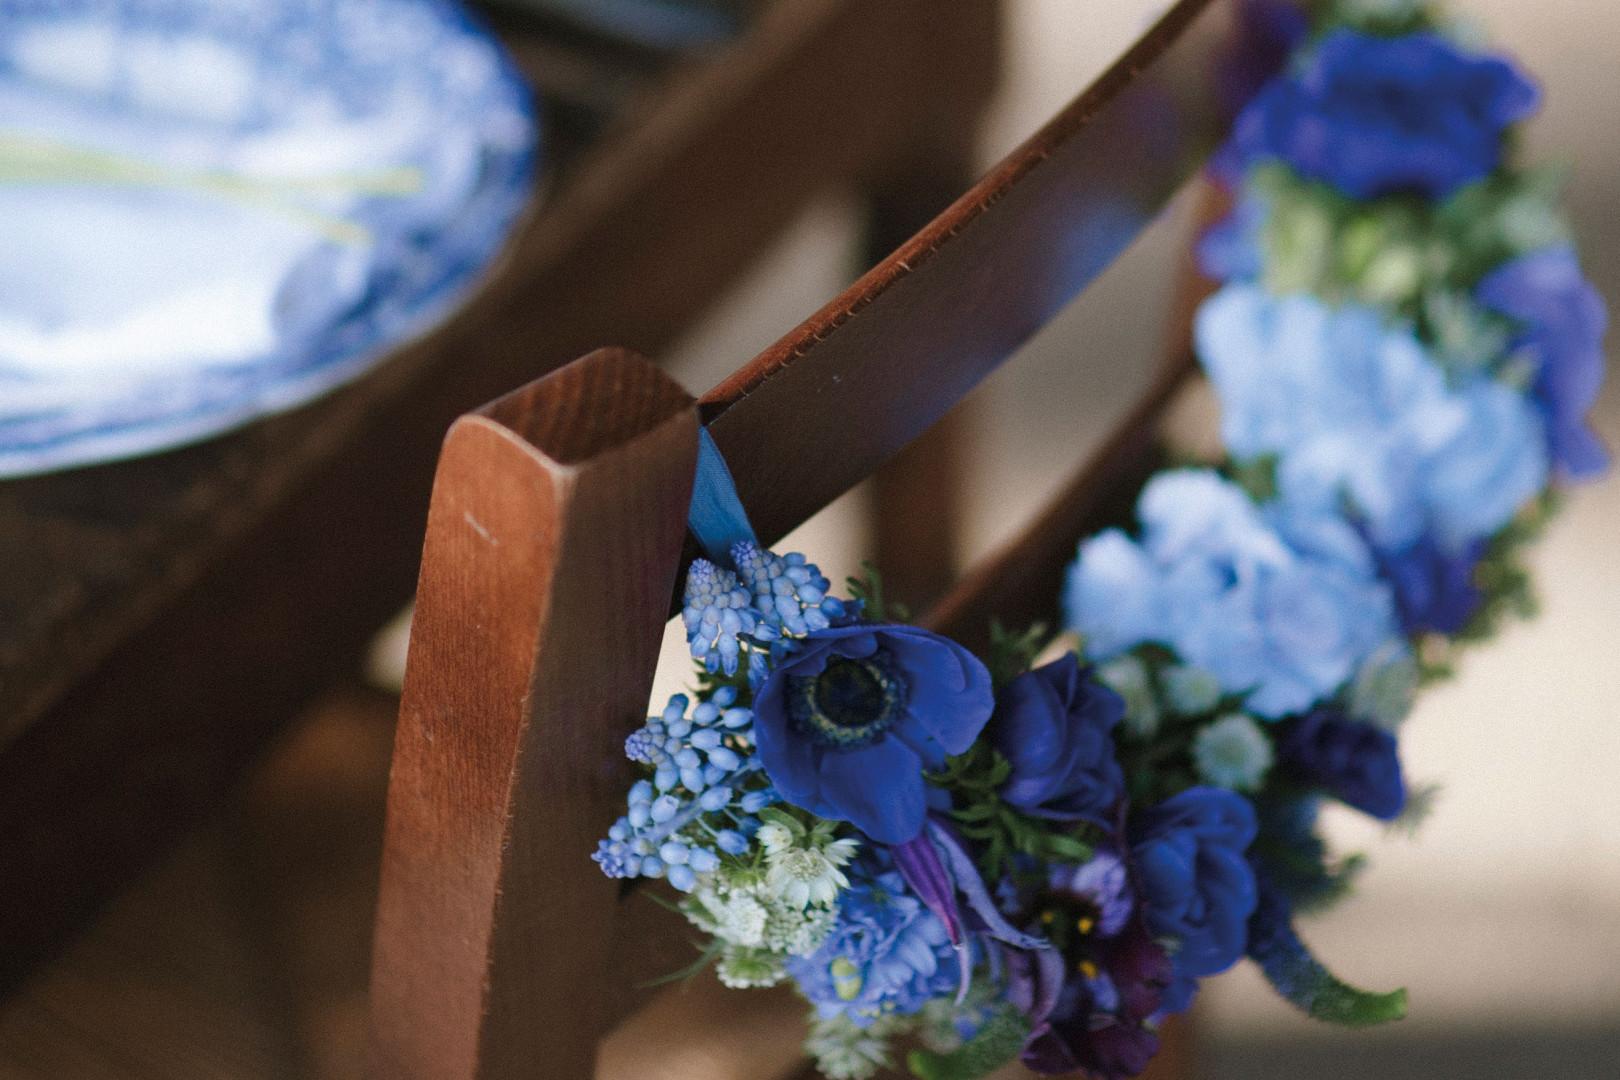 Les fleurs peuvent égayer votre mobilier